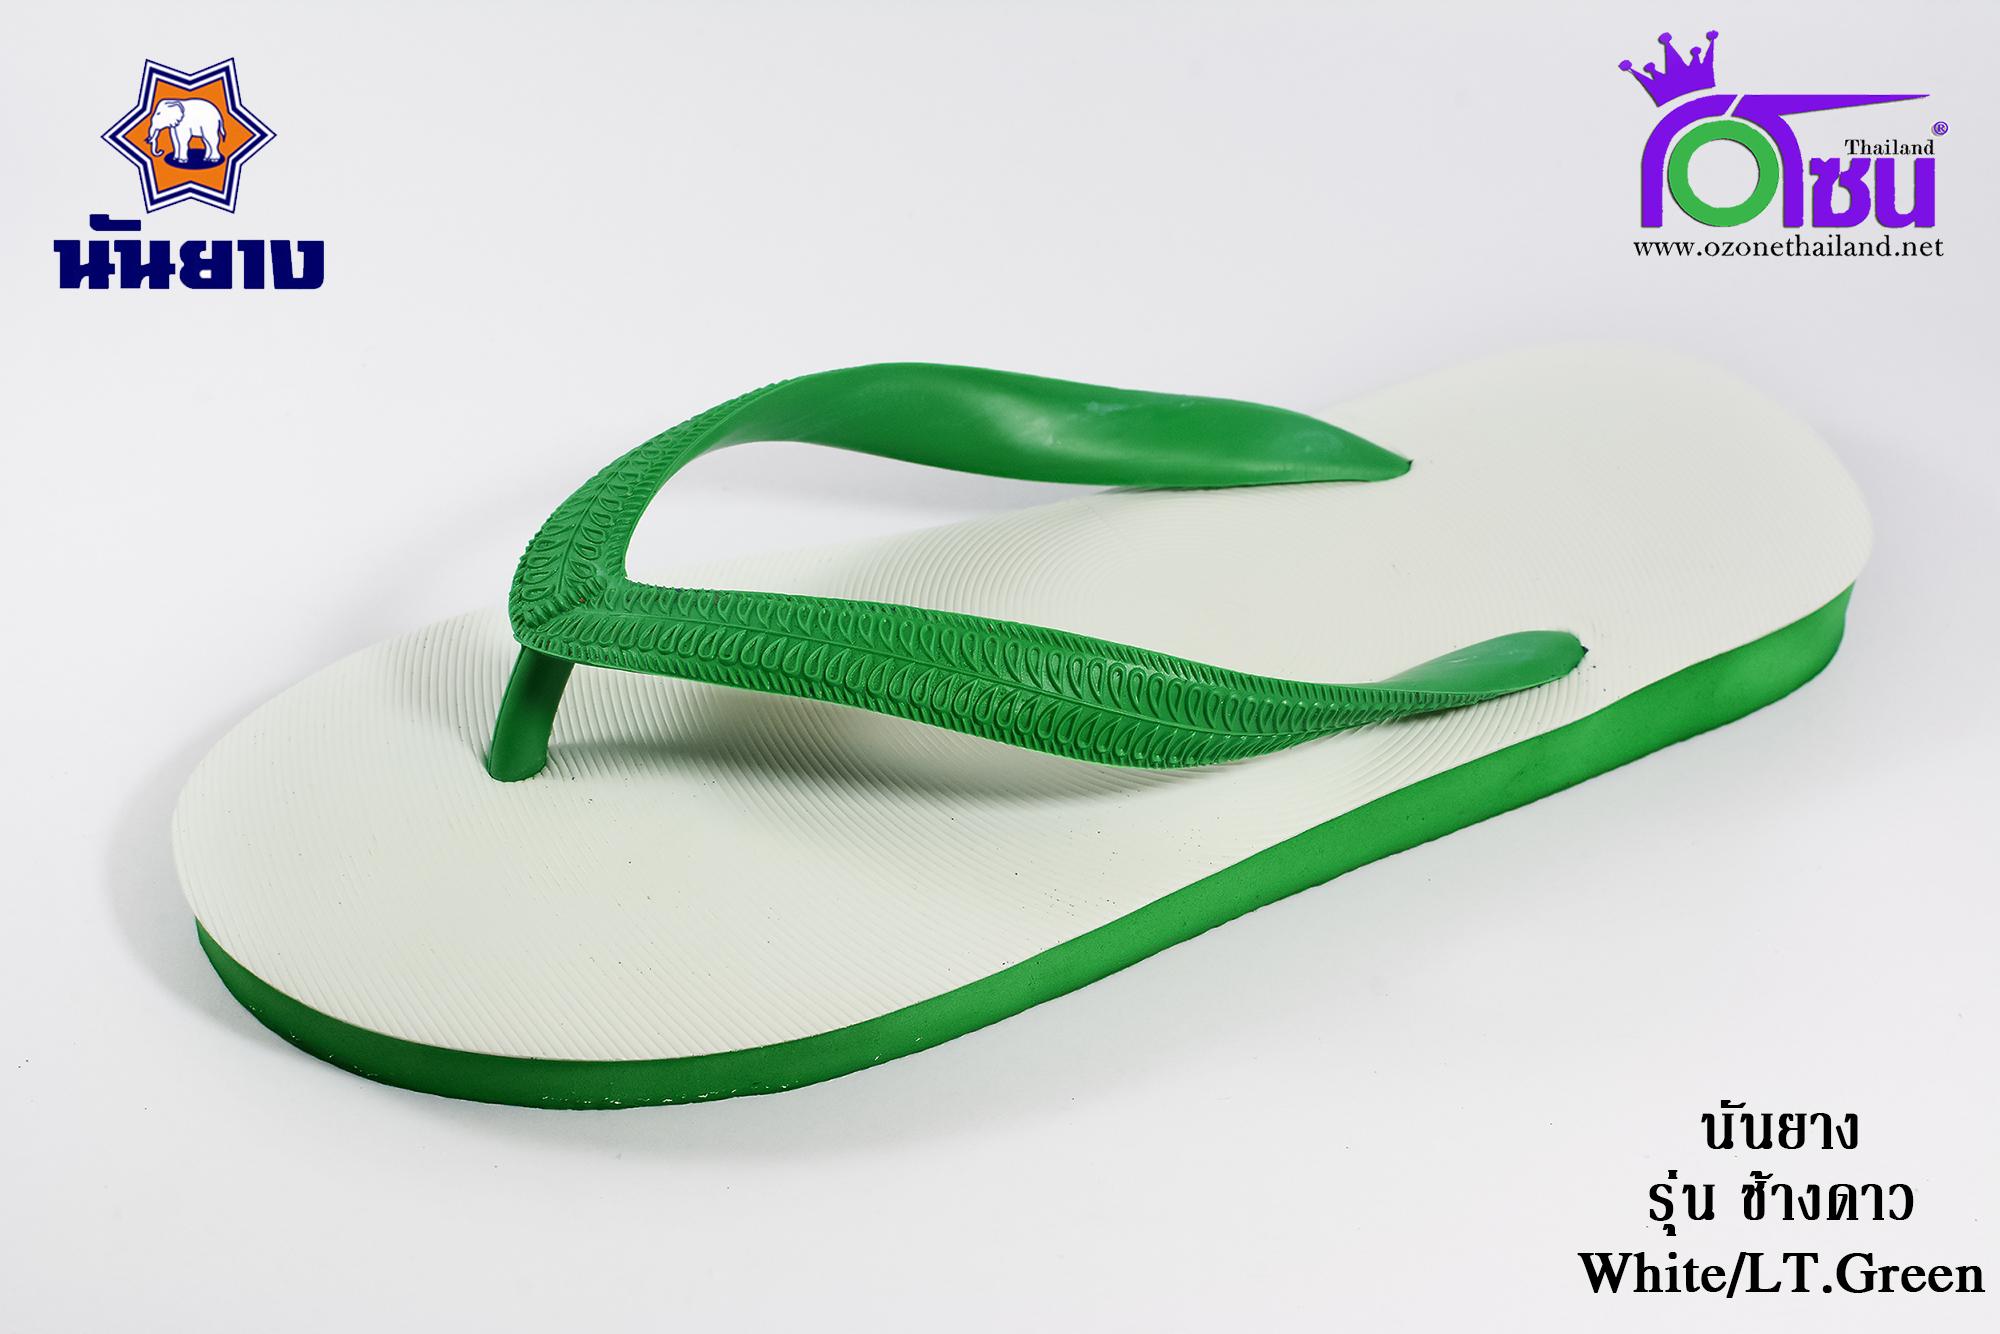 รองเท้าฟองน้ำ ช้างดาว สีเขียว เบอร์ 9,9.5,10,10.5,11 สำเนา